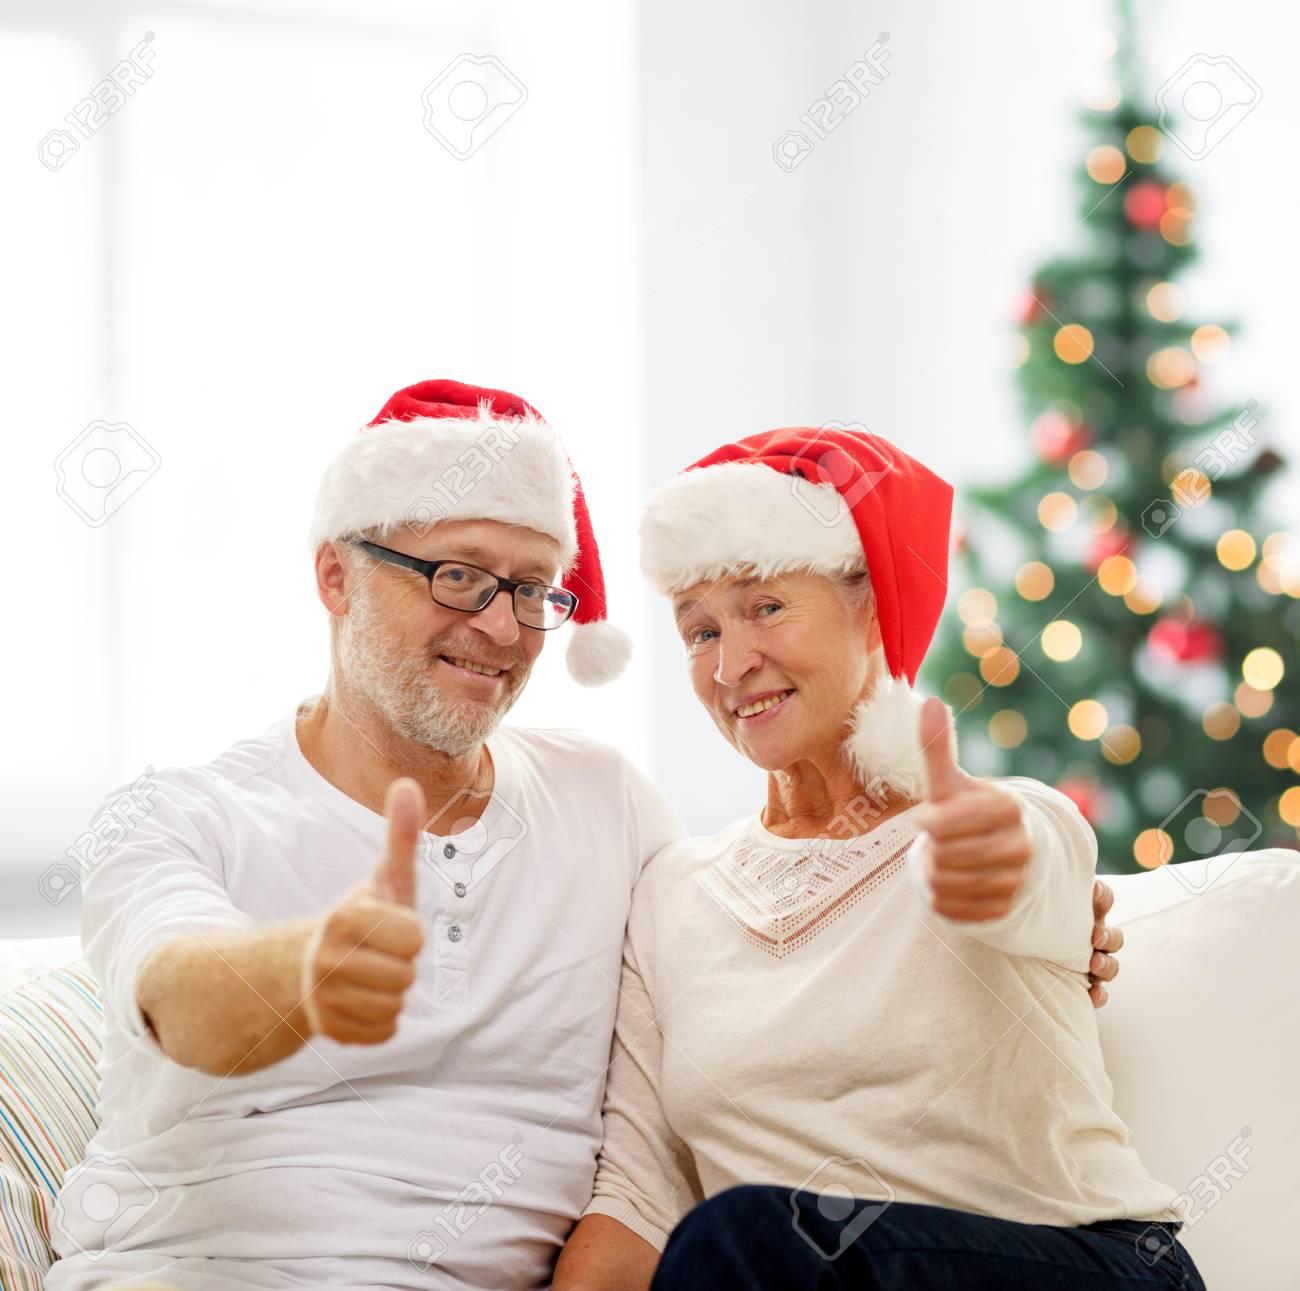 Immagini Stock - Famiglia, Vacanze, Natale, L\'età E Le Persone ...